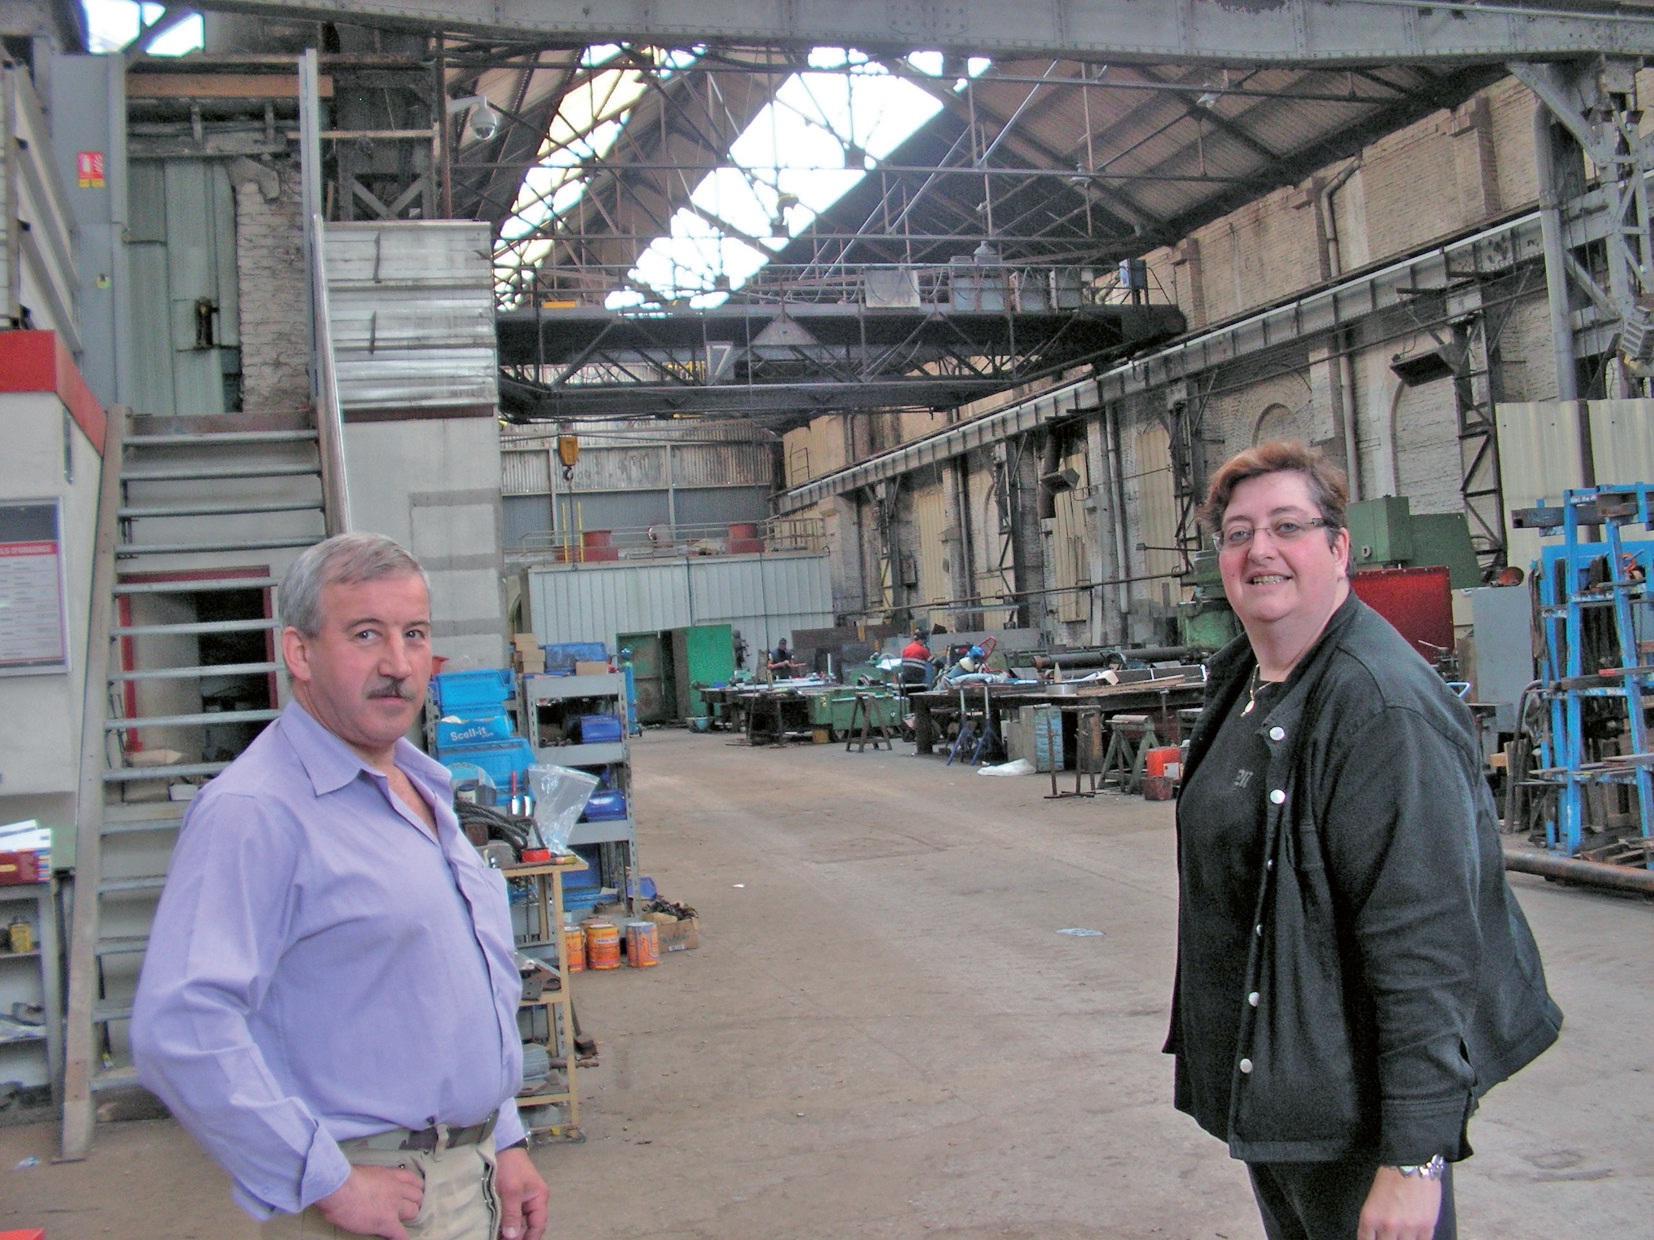 Les deux ex-salariés devenus dirigeants en 2005 : Sandrine Aubois, directrice générale, et Jean-Jacques Guyot, directeur. MCH occupe le site d'une ancienne brasserie, non loin de la Sambre.